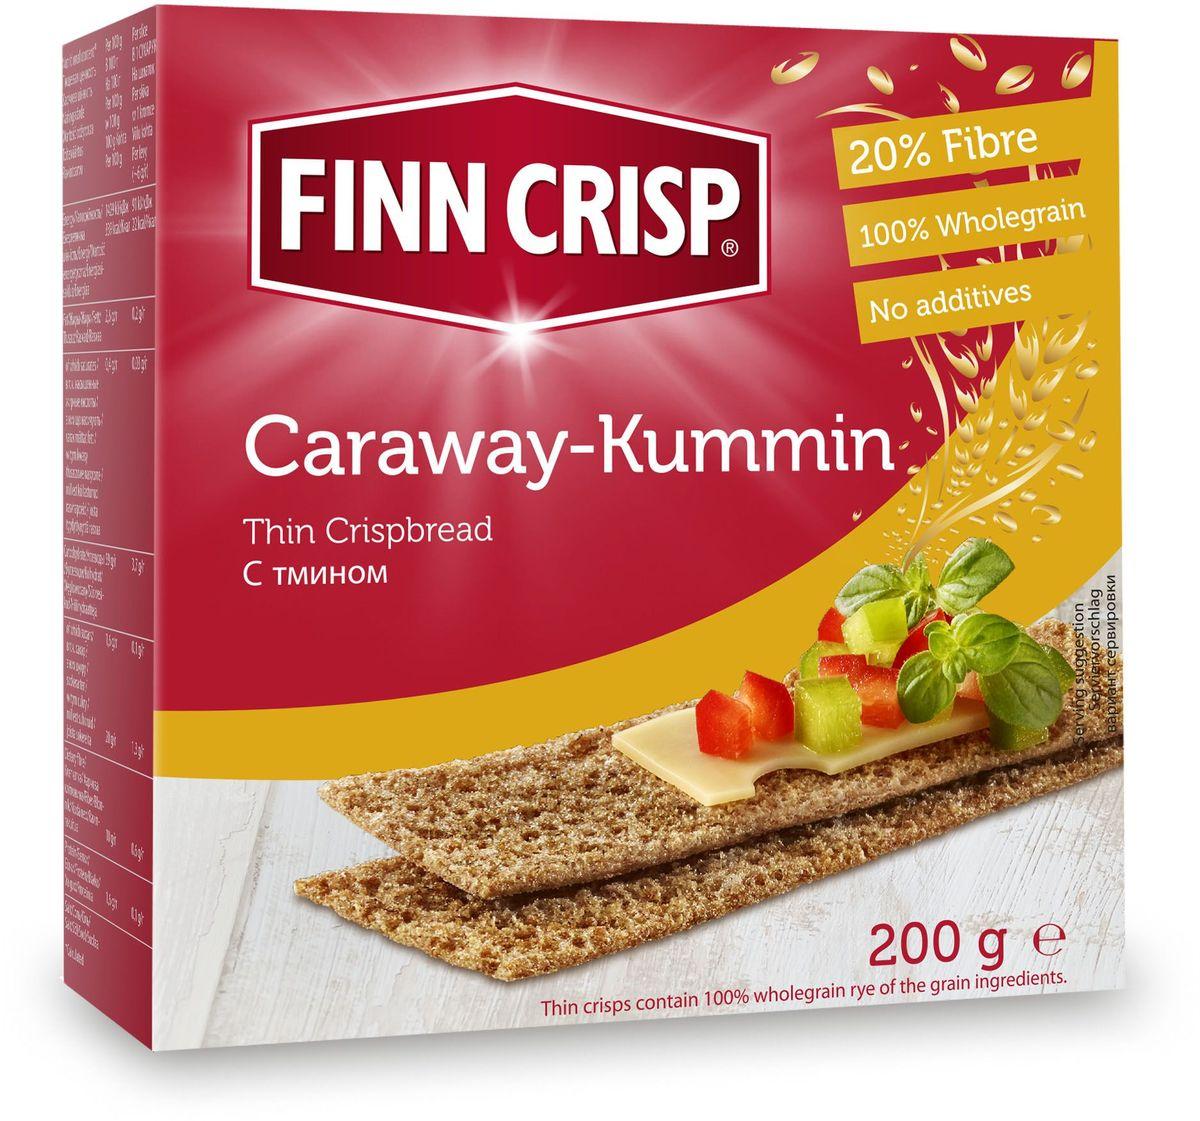 Finn Crisp Caraway хлебцы с тмином, 200 г20211